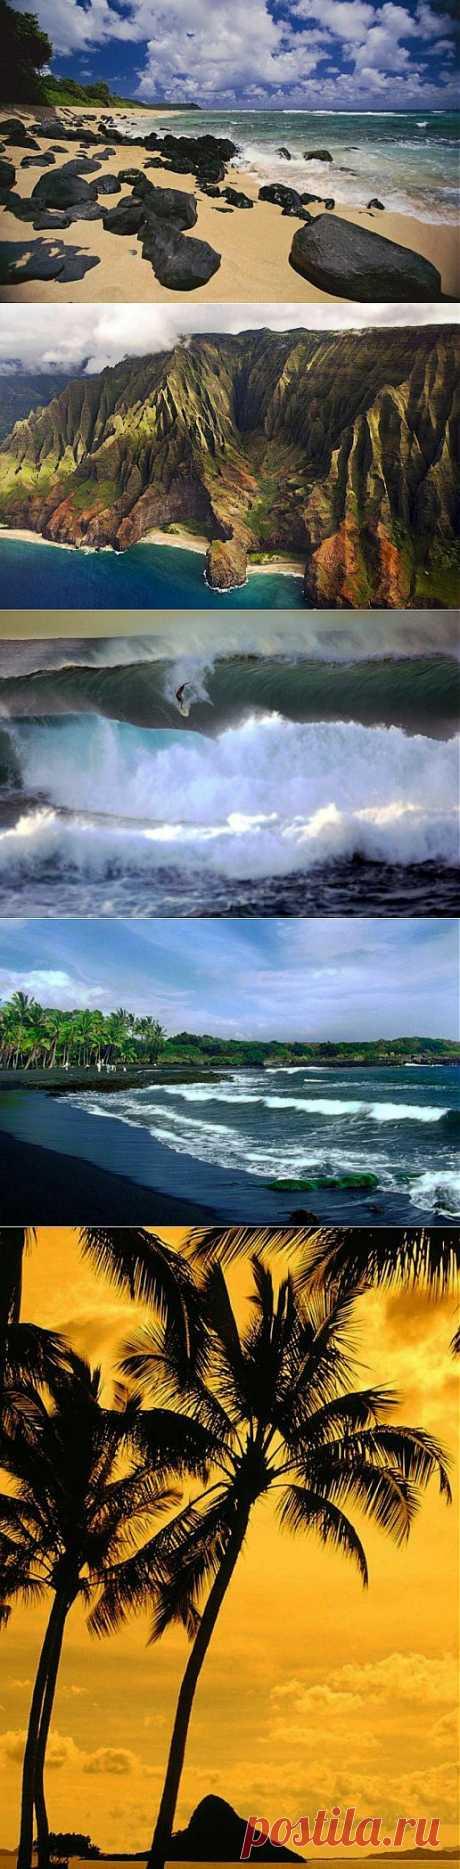 (+1) тема - НА Гавайях | ТУРИЗМ И ОТДЫХ